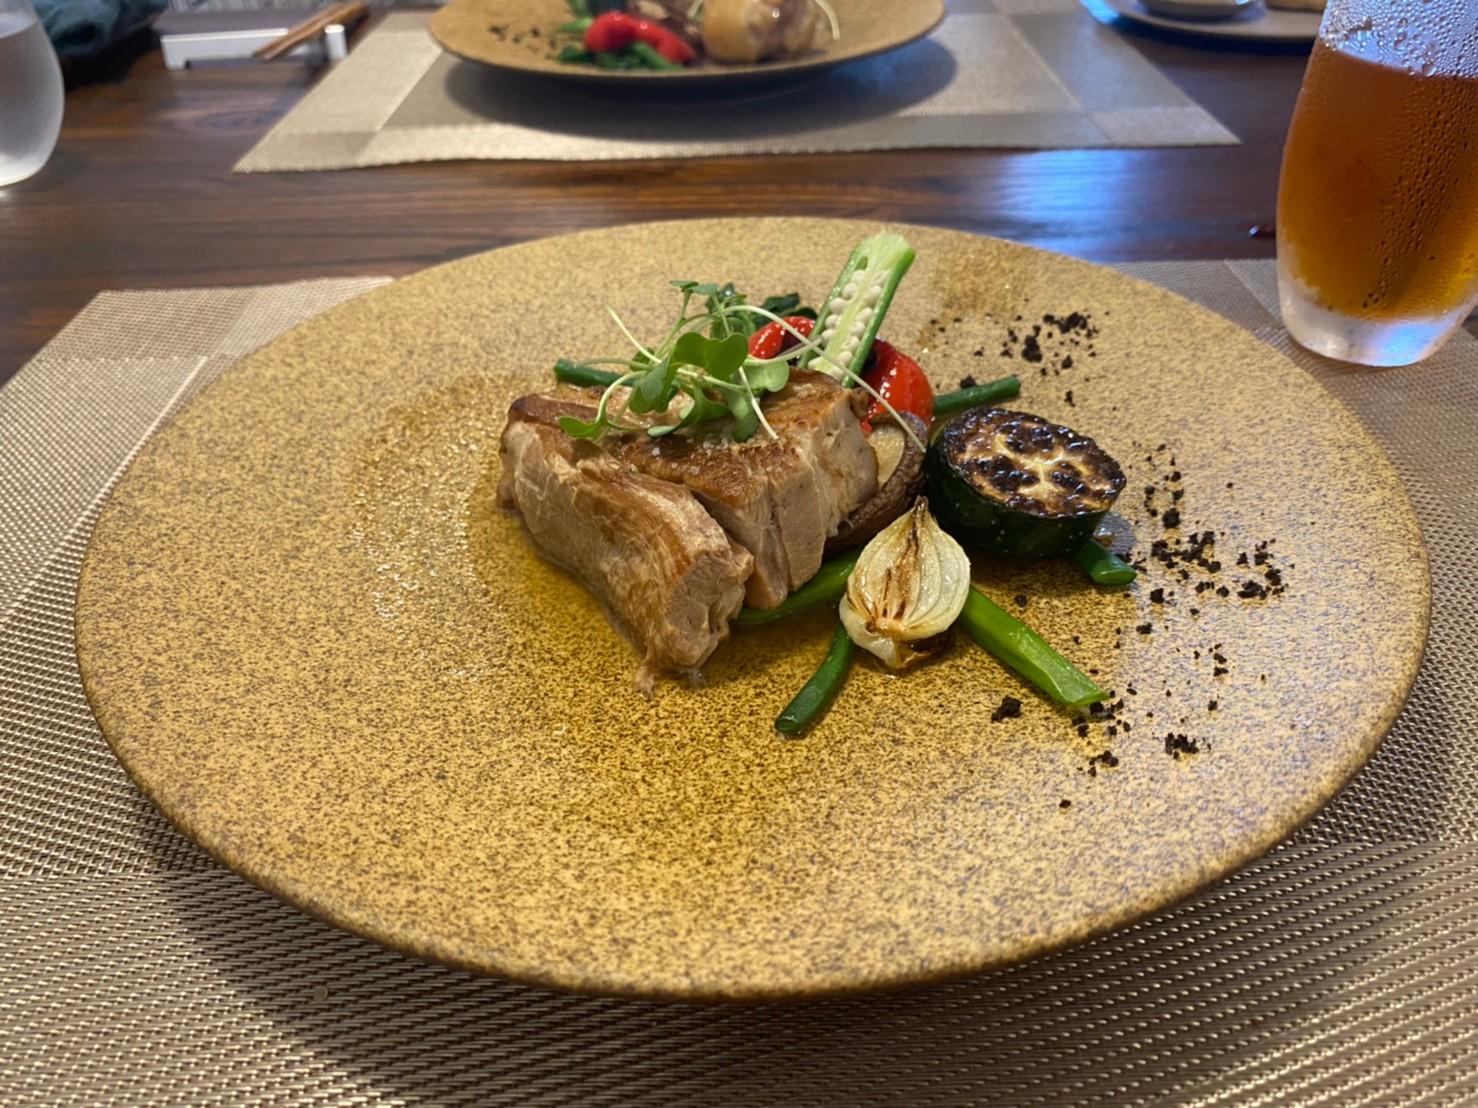 大曽根|もっと気軽にフレンチを♩旬の食材を使ったこだわりの一皿を堪能できるレストラン